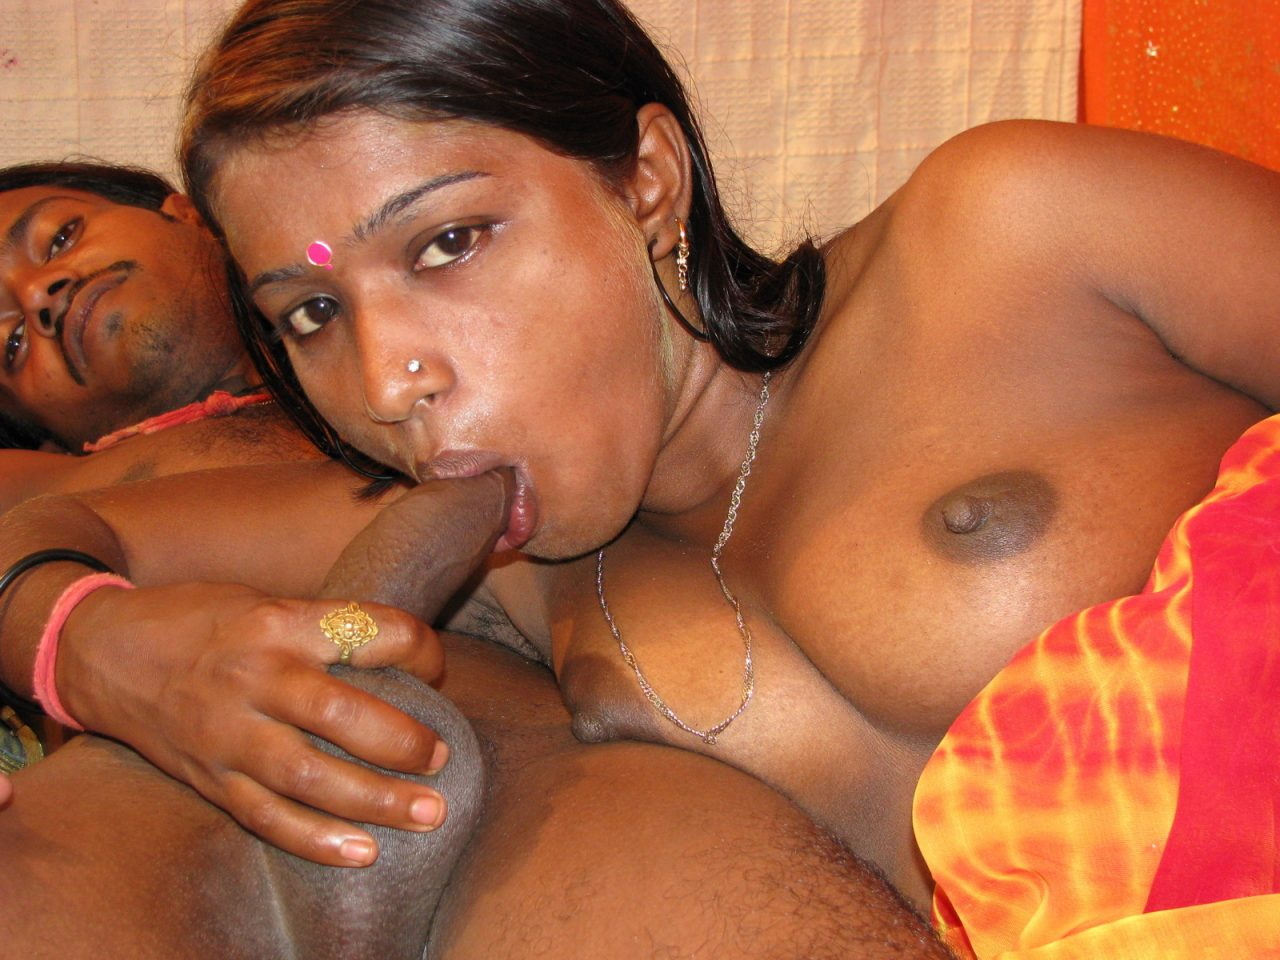 Смотреть бесплатно индийское порно пышных, Индийские толстушки - видео Bitch Flesh 10 фотография